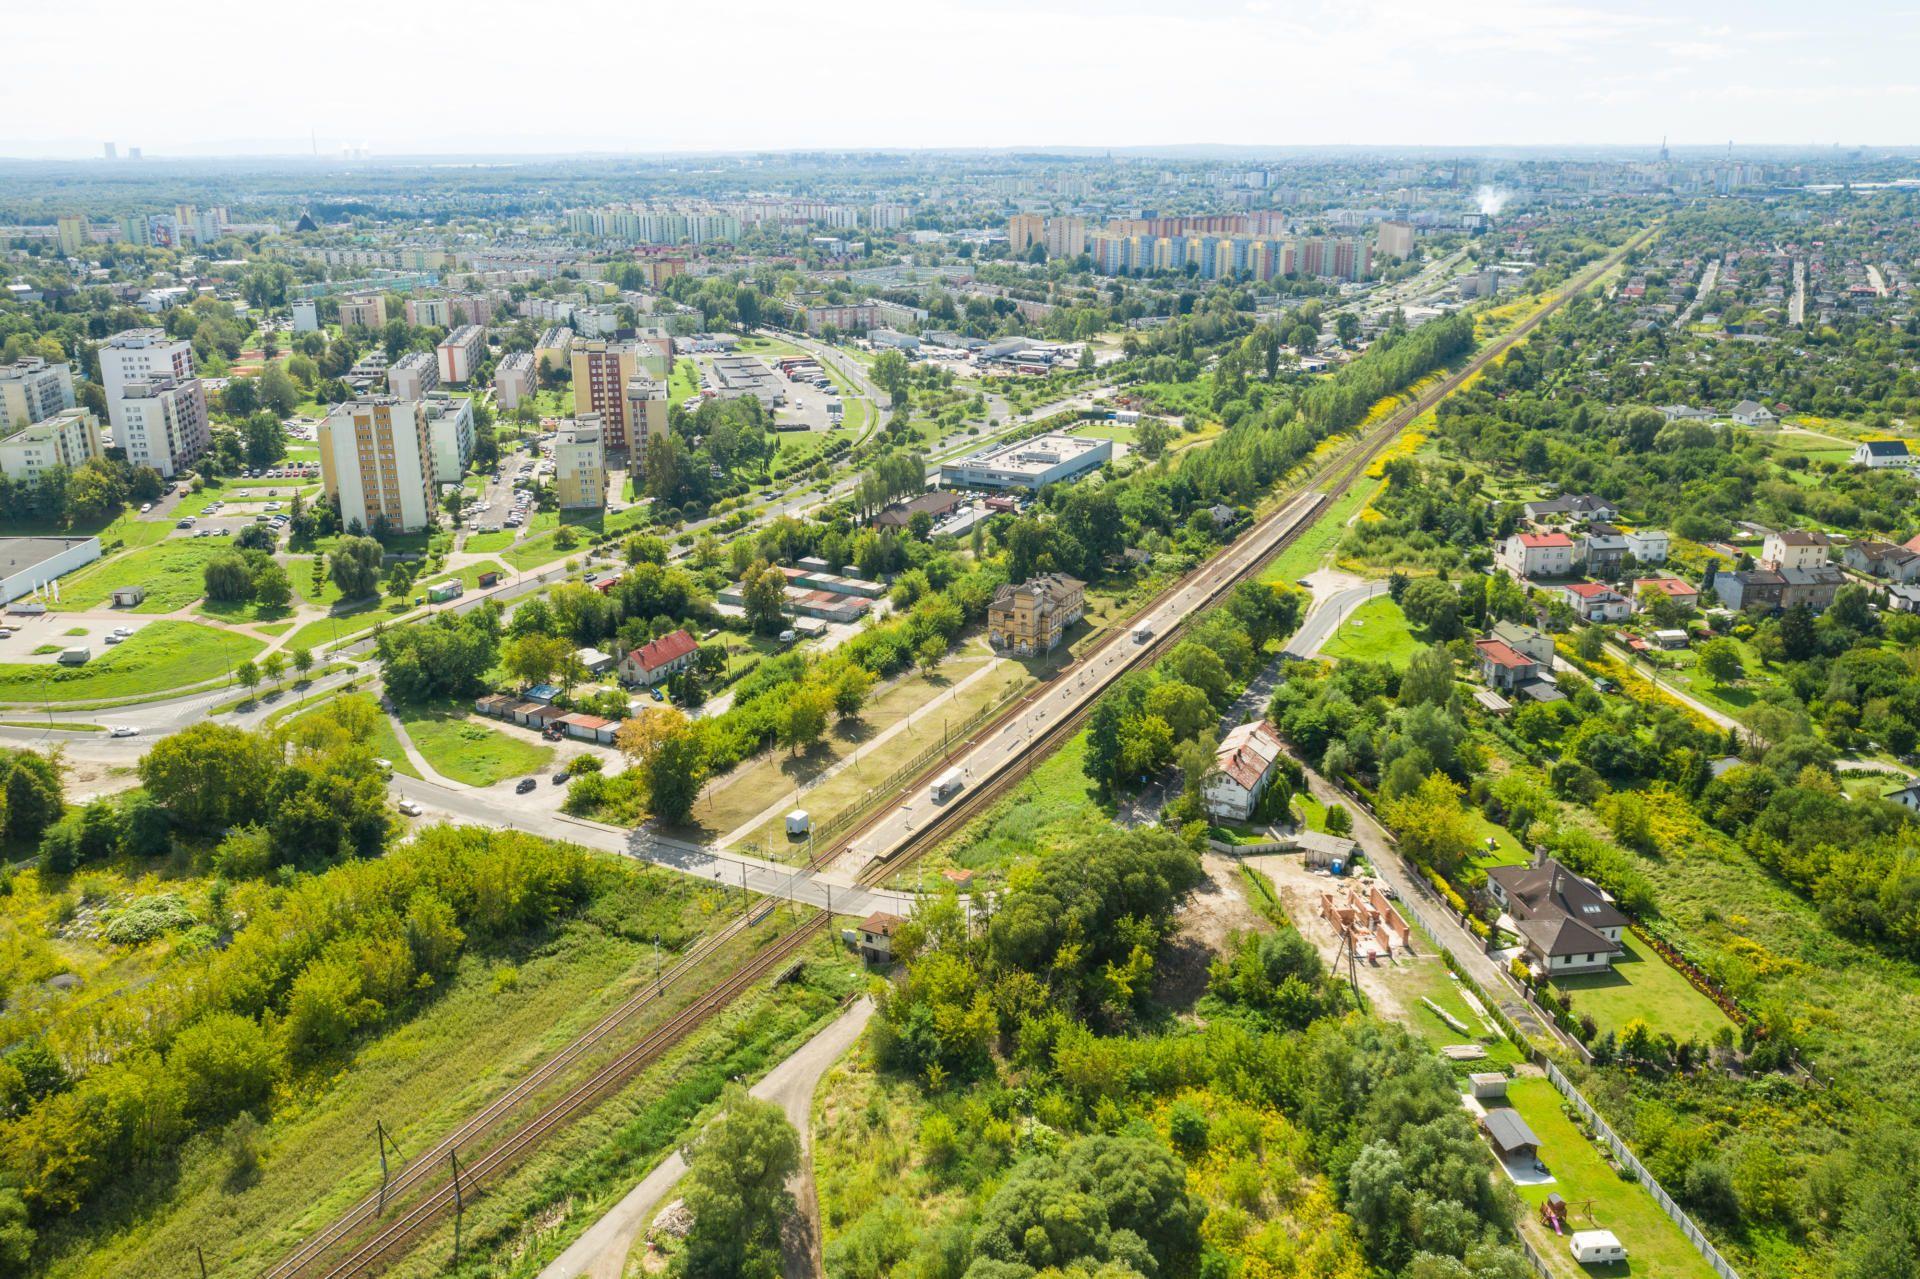 Wielomilionowa inwestycja drogowo-kolejowa w Dąbrowie Górniczej